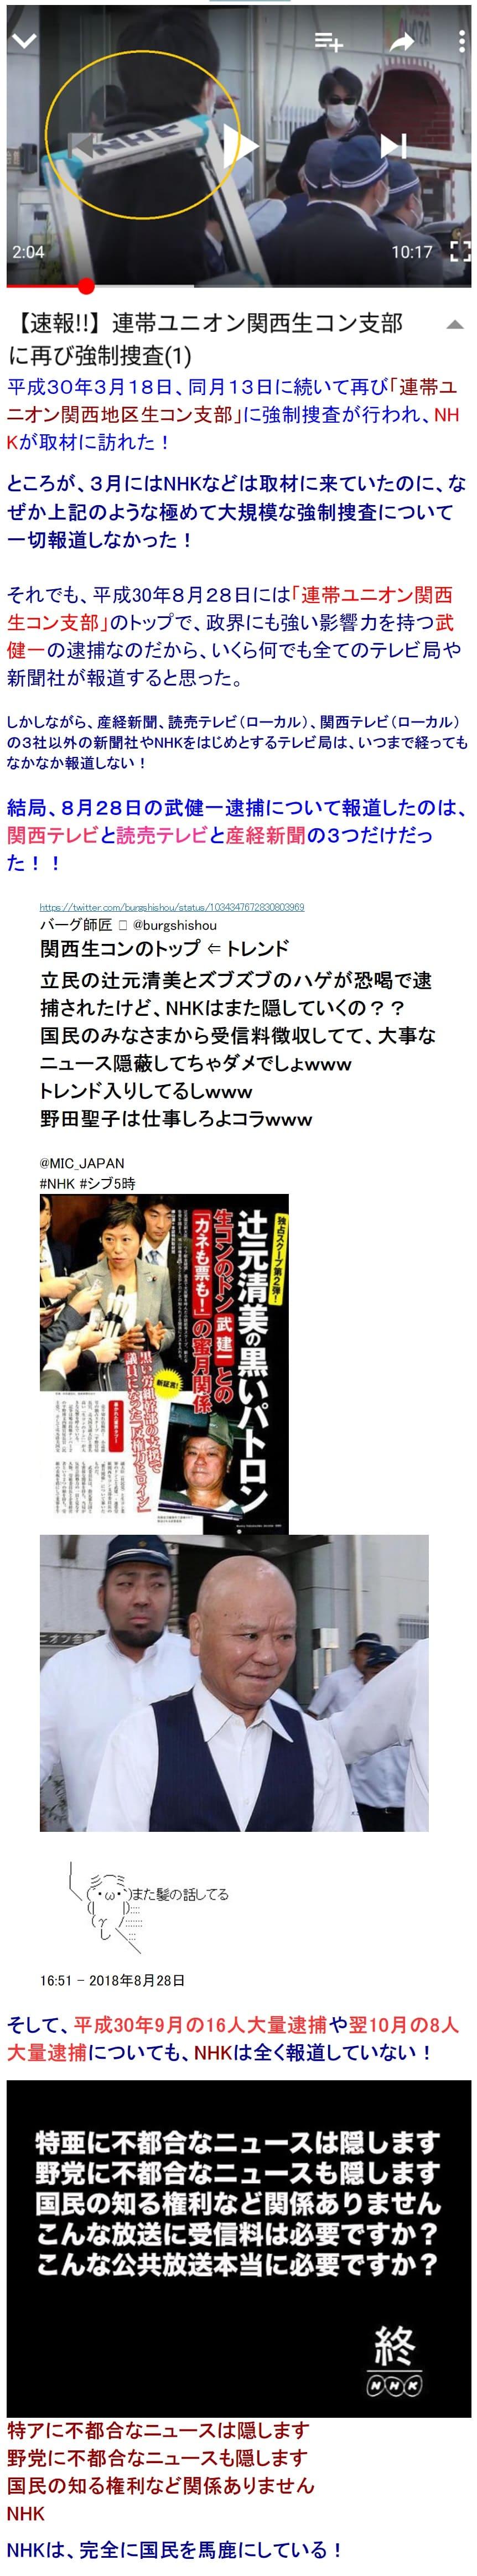 NHKは関西生コン逮捕を報道せず3 (1)